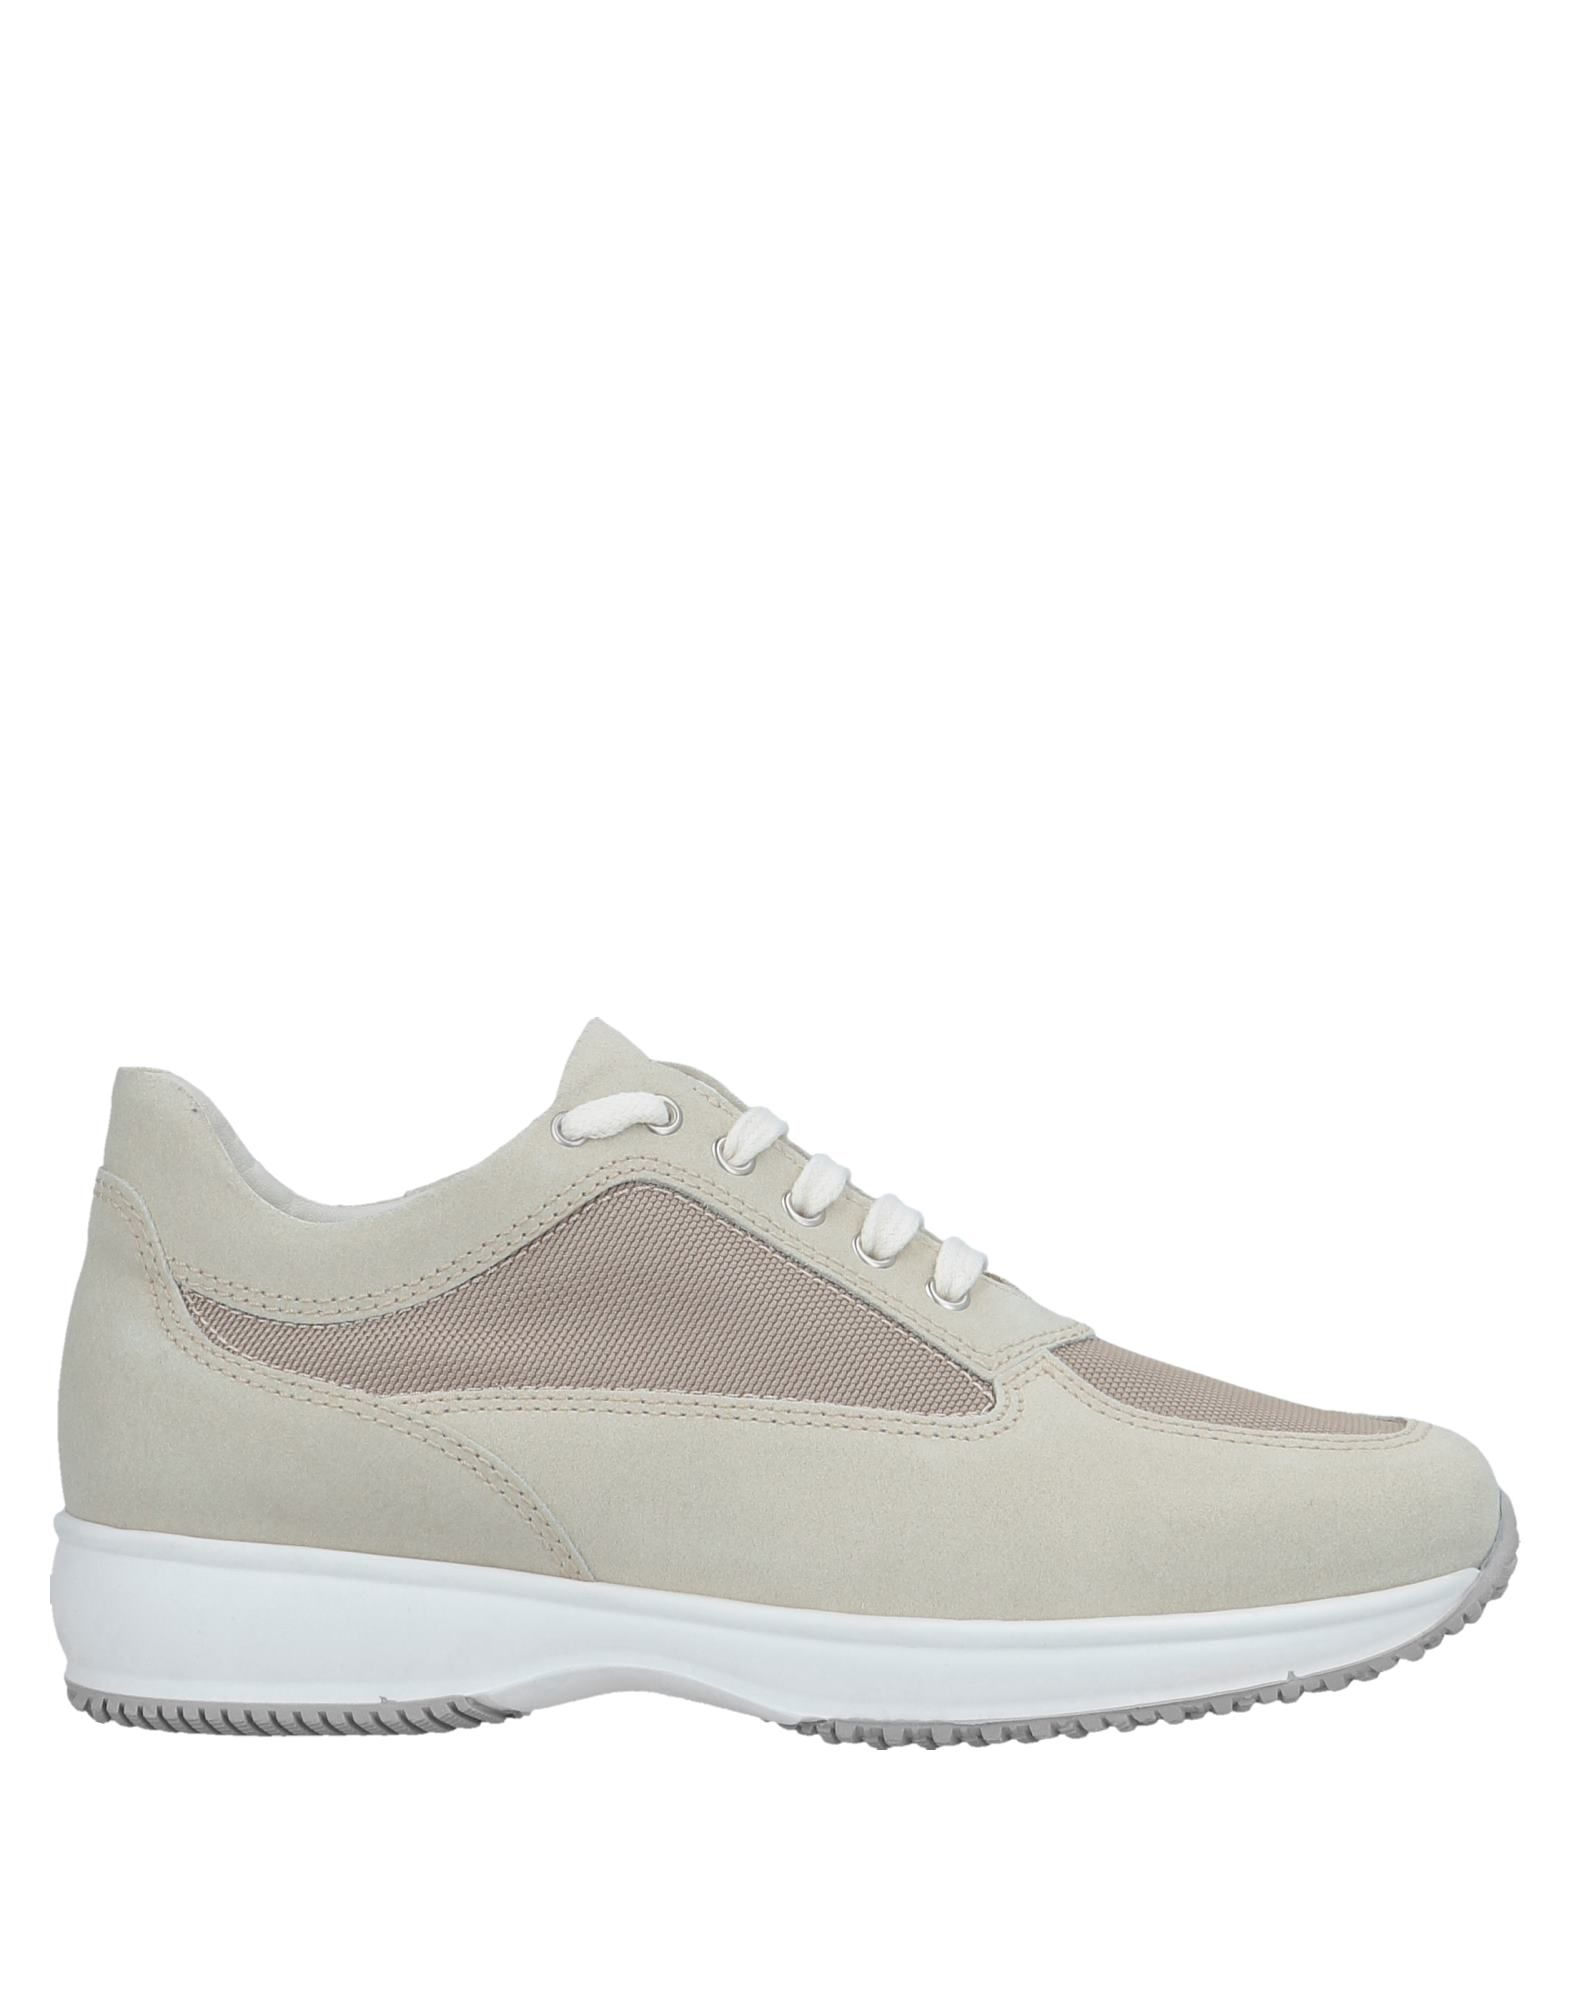 Sneakers Sabèn Shoes Homme - Sneakers Sabèn Shoes  Beige Les chaussures les plus populaires pour les hommes et les femmes